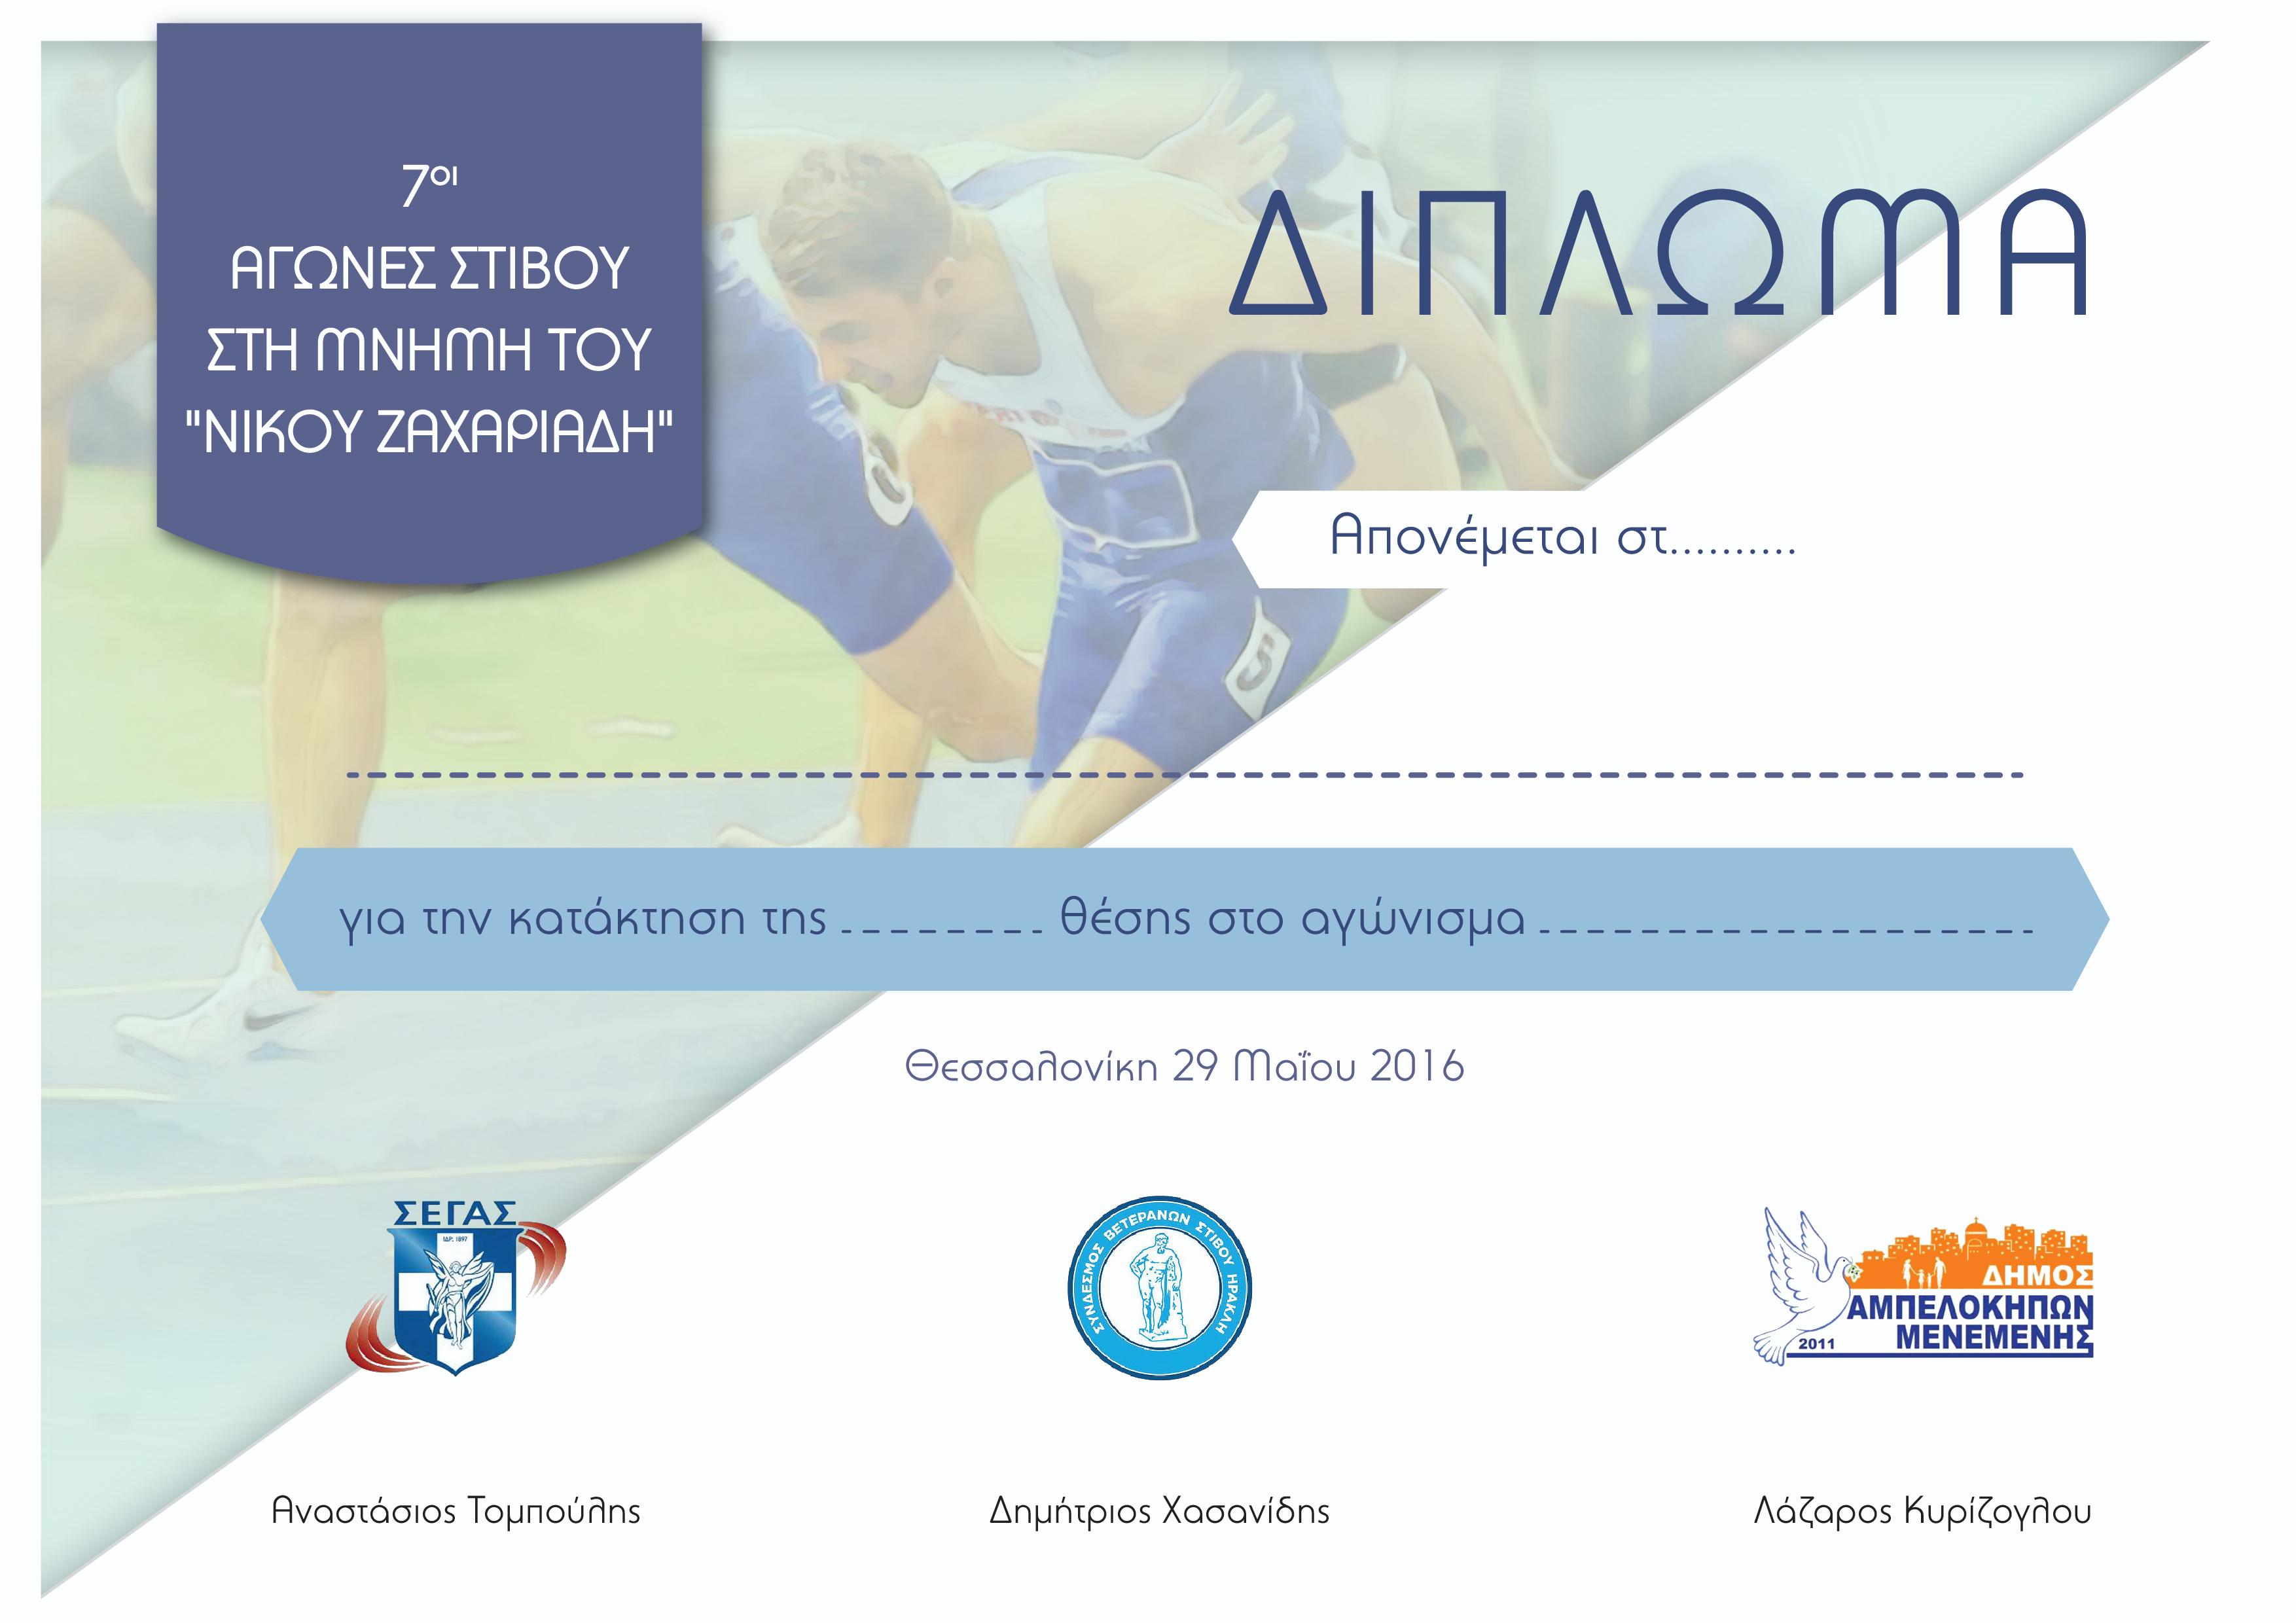 Δίπλωμα Ζαχαριάδεια 2016